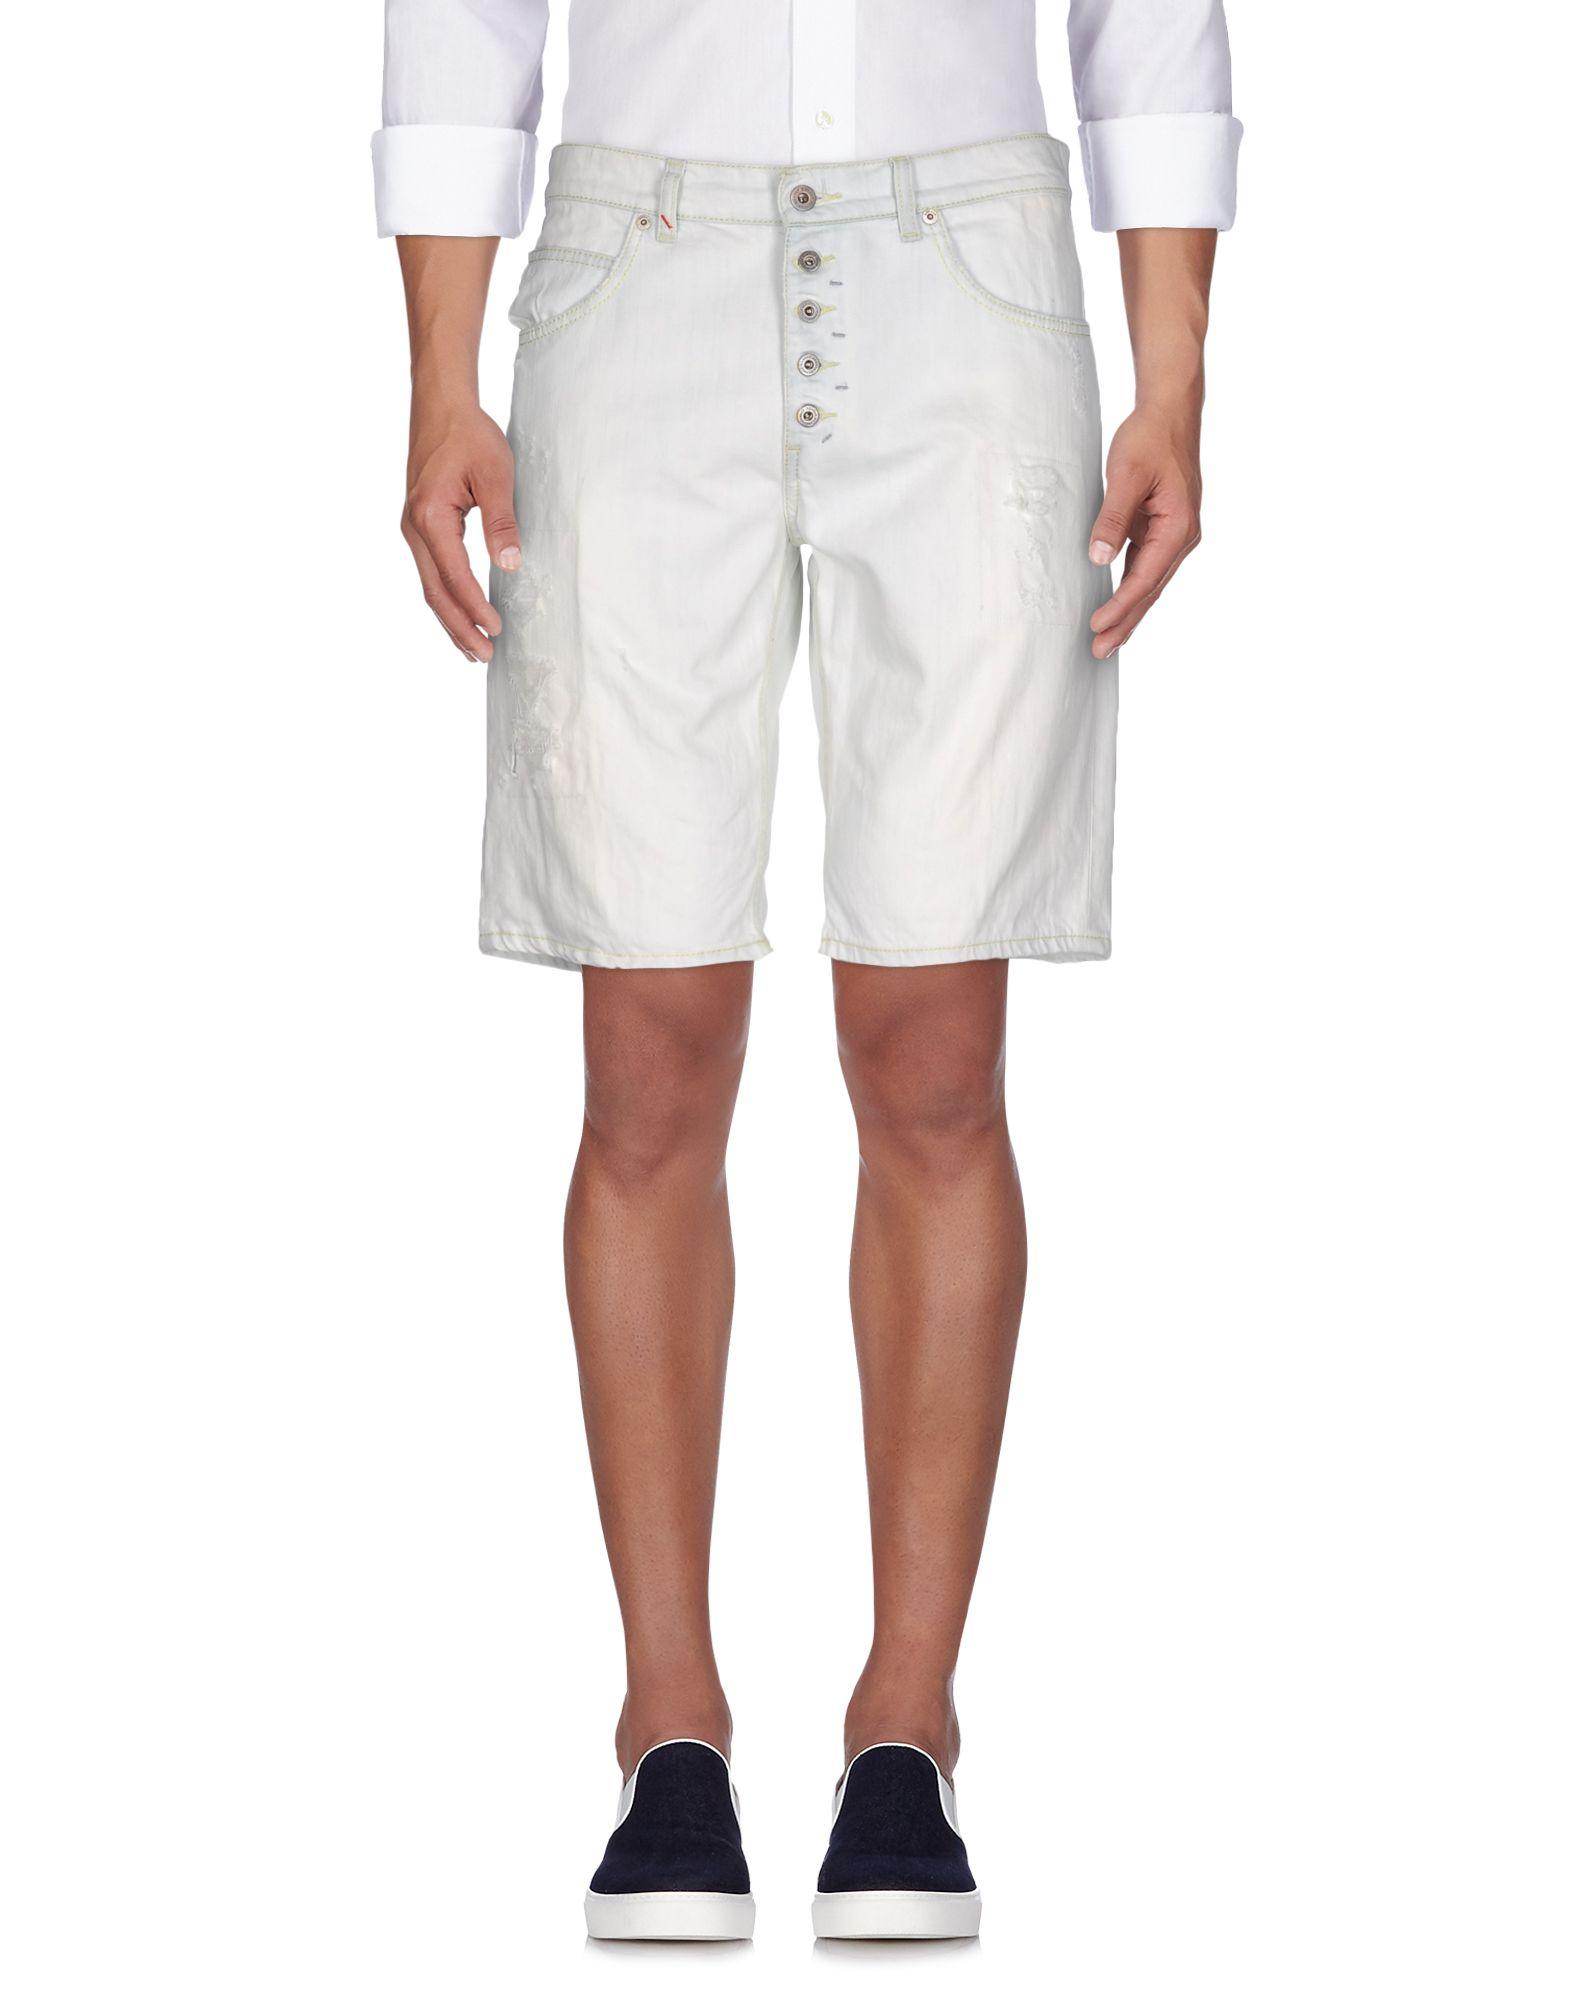 DONDUP Herren Jeansbermudashorts Farbe Elfenbein Größe 10 - broschei